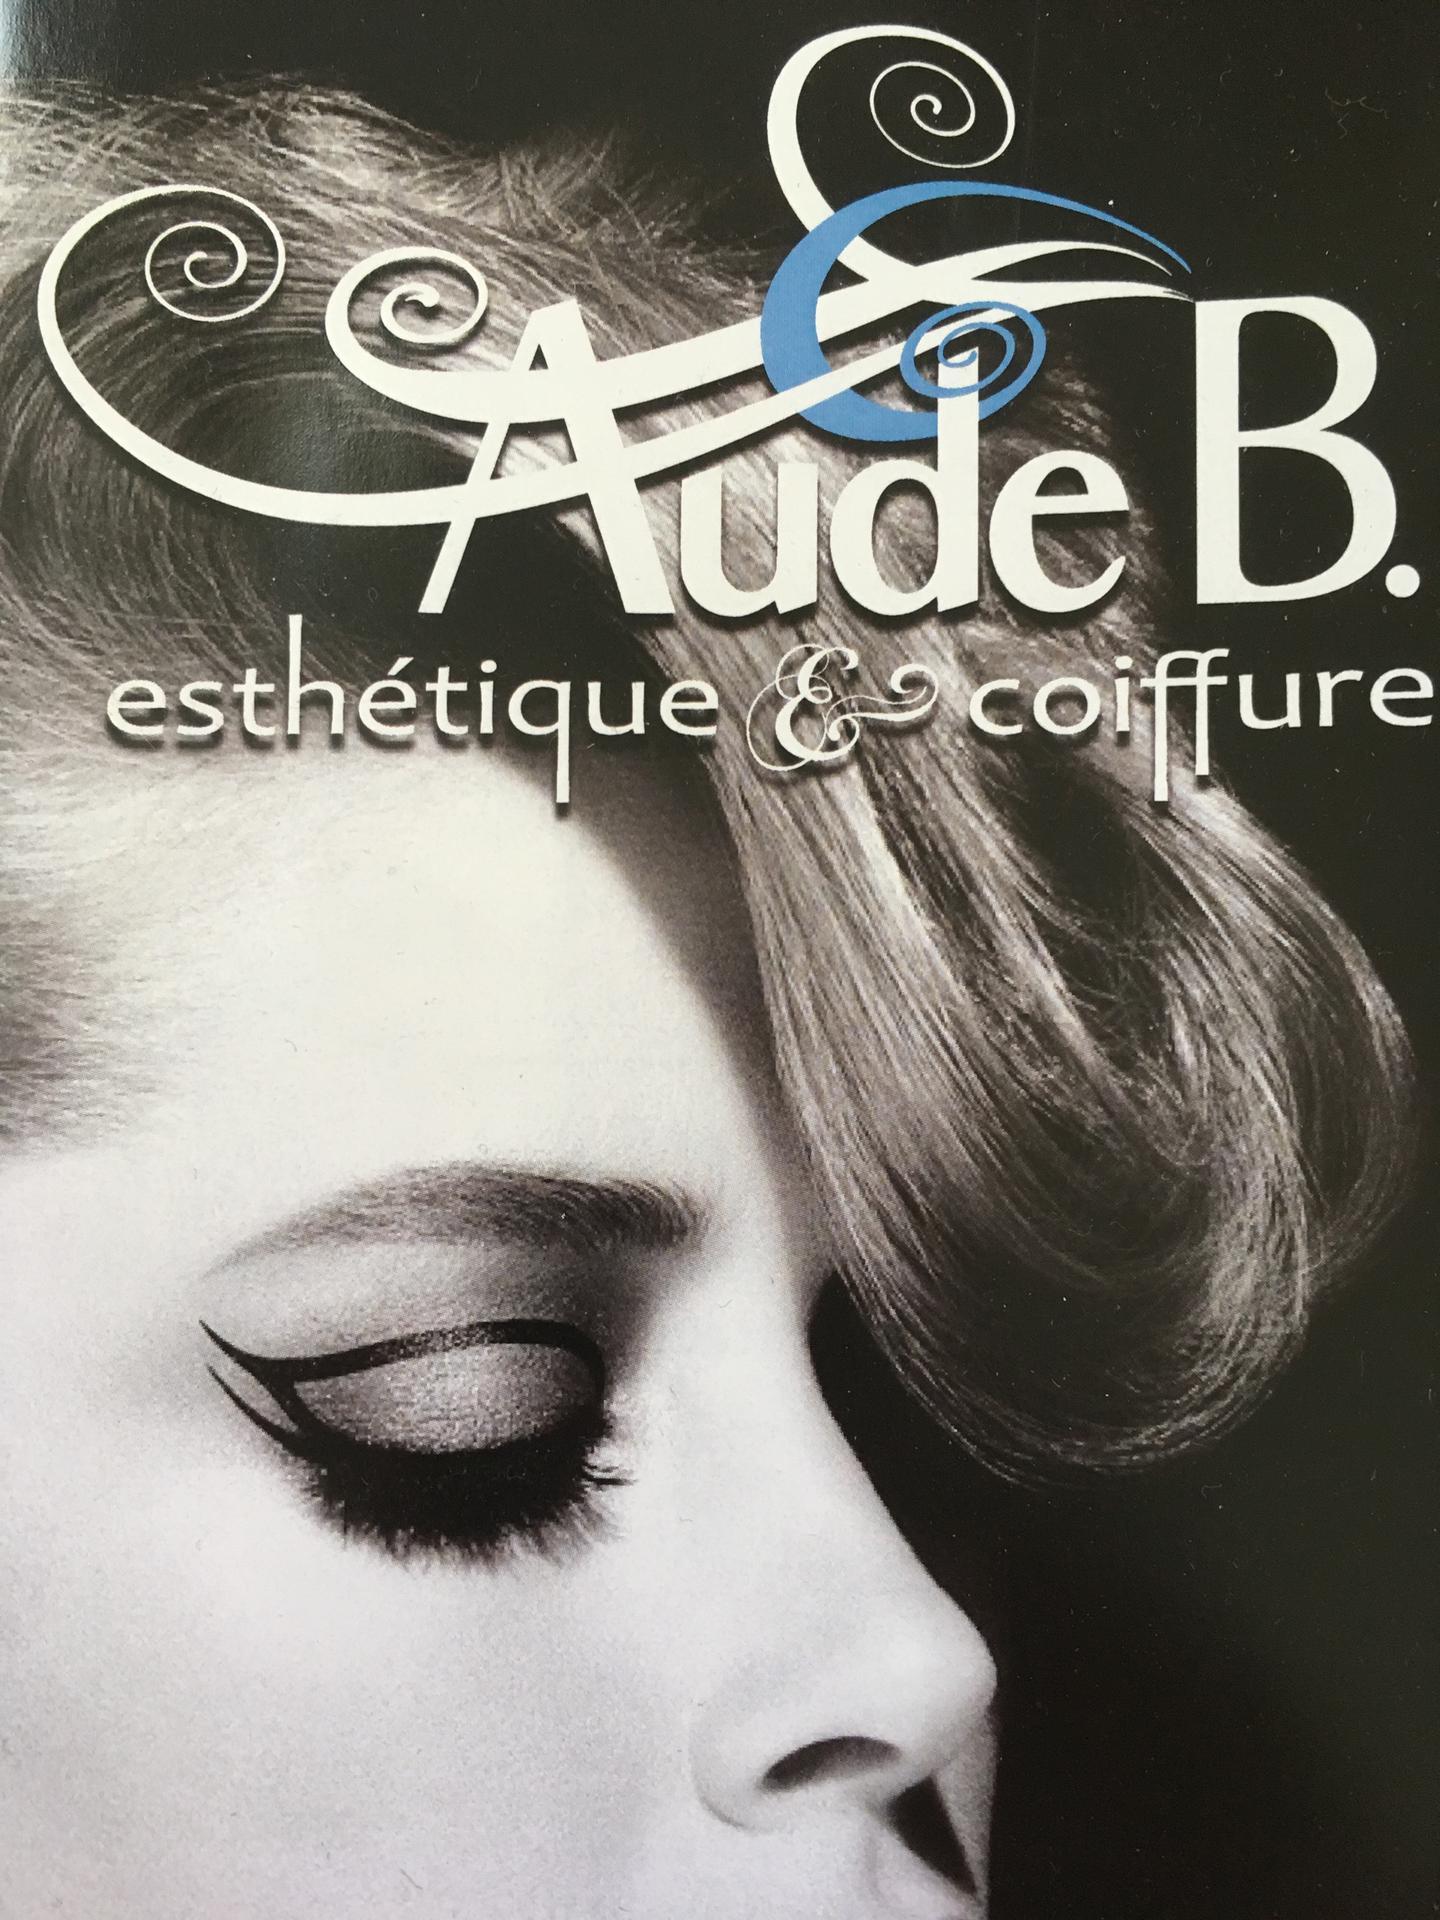 Aude B Esthétique et Coiffure Coiffure, beauté